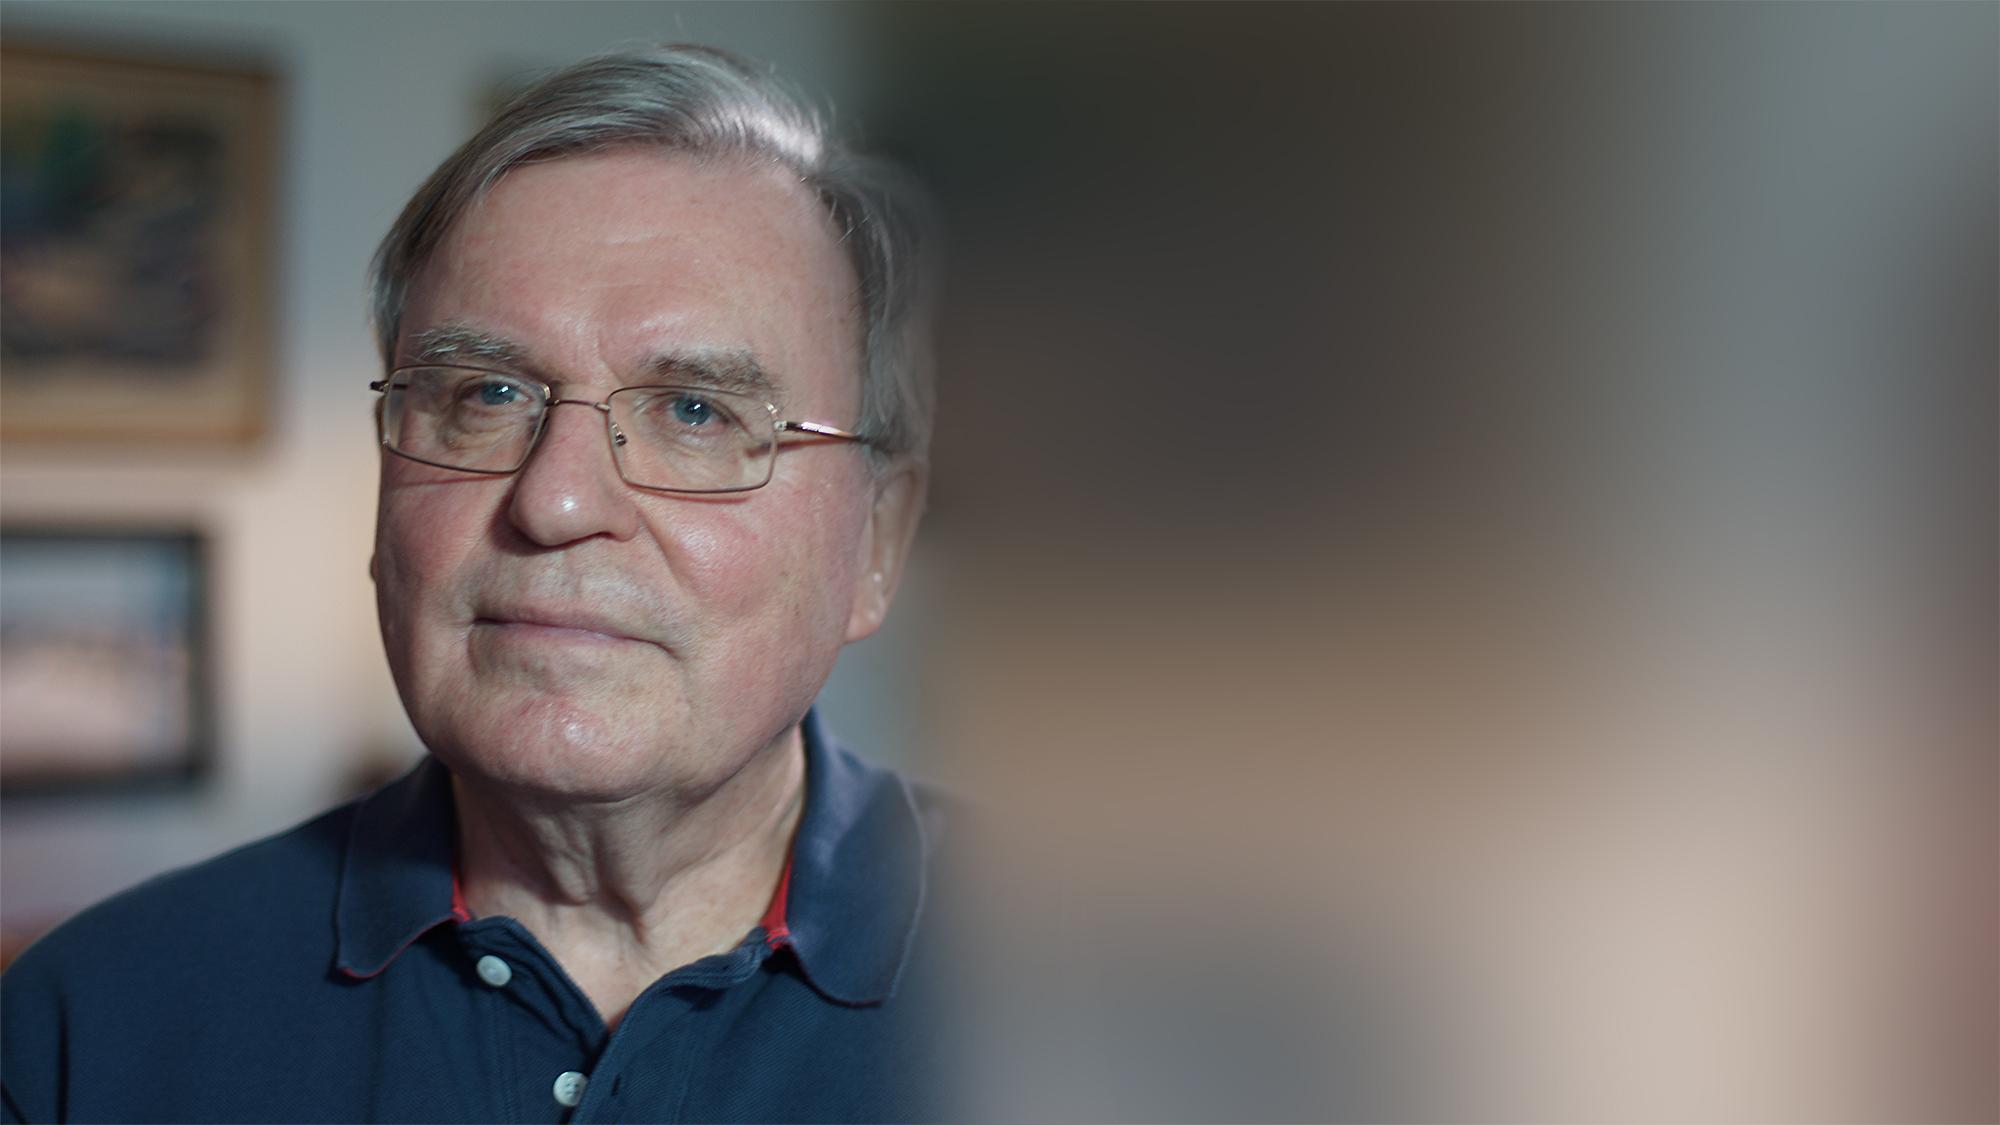 Ett porträtt av en gråhårig man i glasögon och blå skjorta